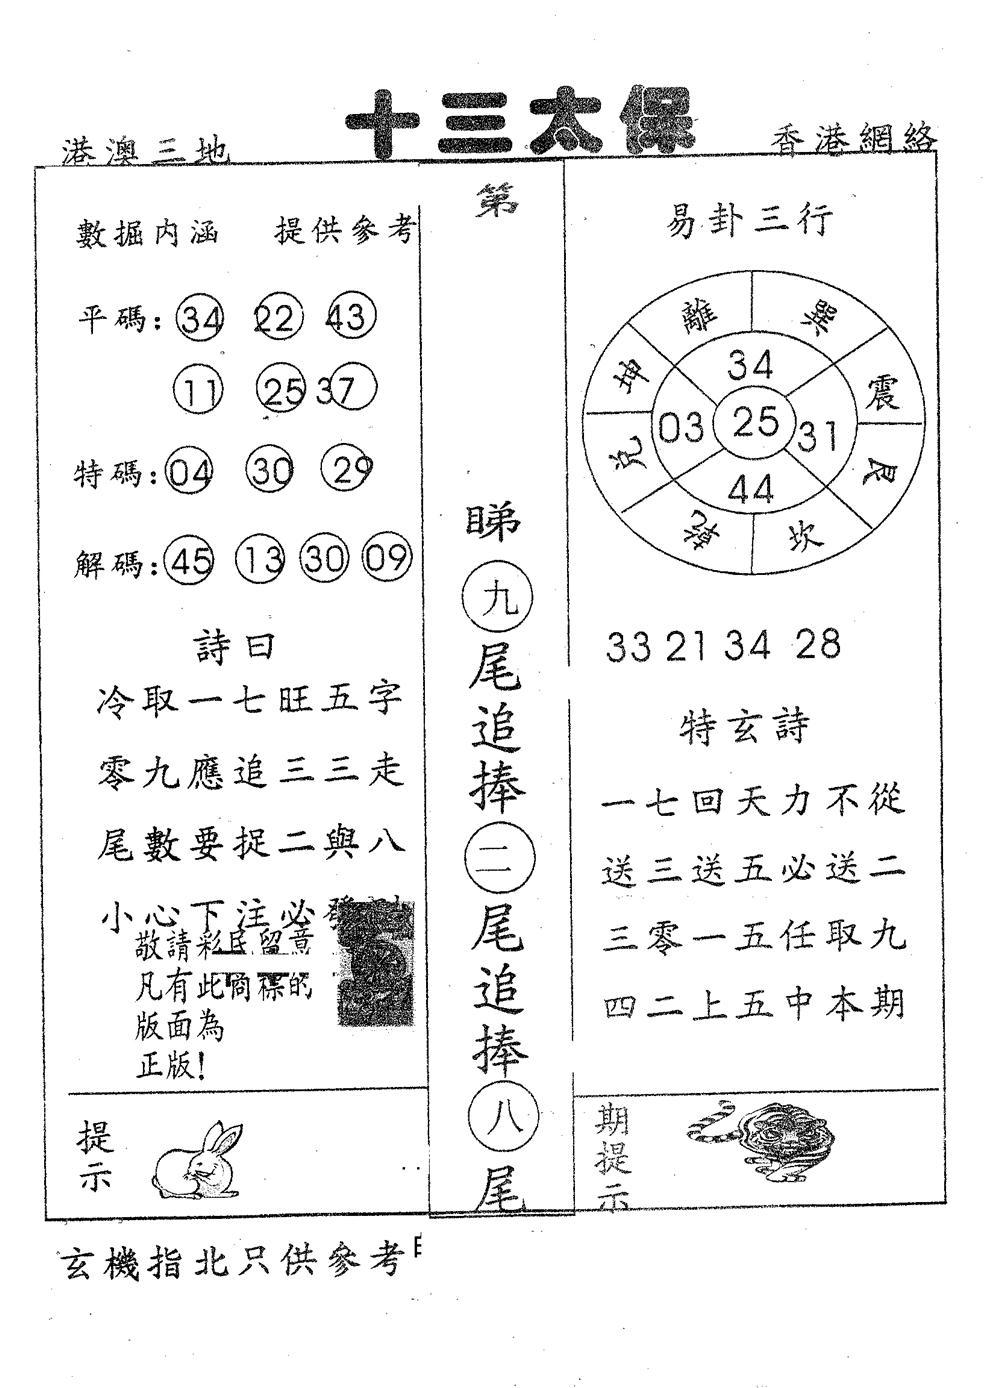 082期十三太保(黑白)